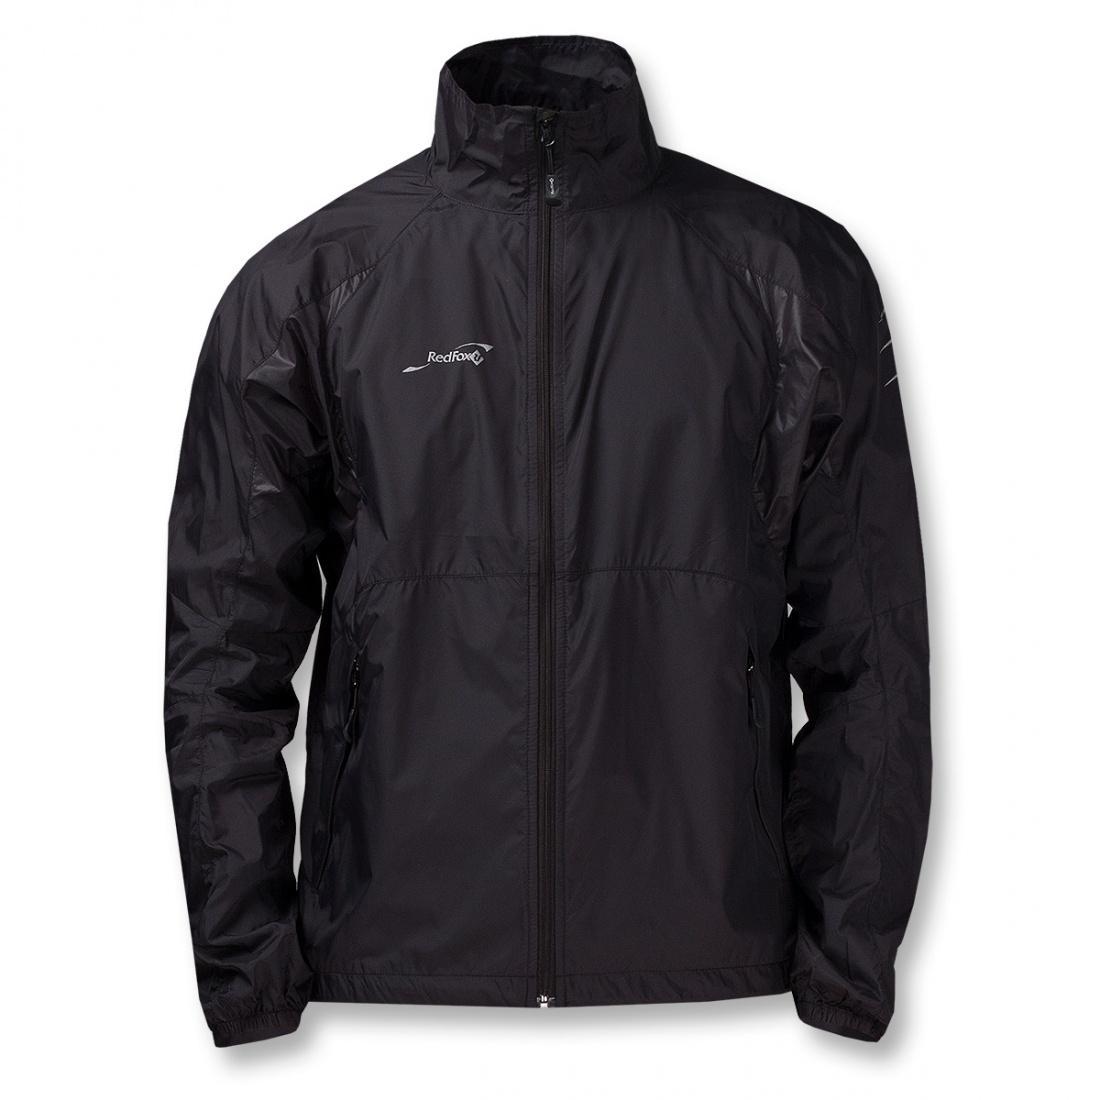 Куртка ветрозащитная Trek Light IIКуртки<br><br> Очень легкая куртка для мультиспортсменов. Отлично сочетает в себе функции защиты от ветра и максимальной свободы движений. Куртку мож...<br><br>Цвет: Черный<br>Размер: 50